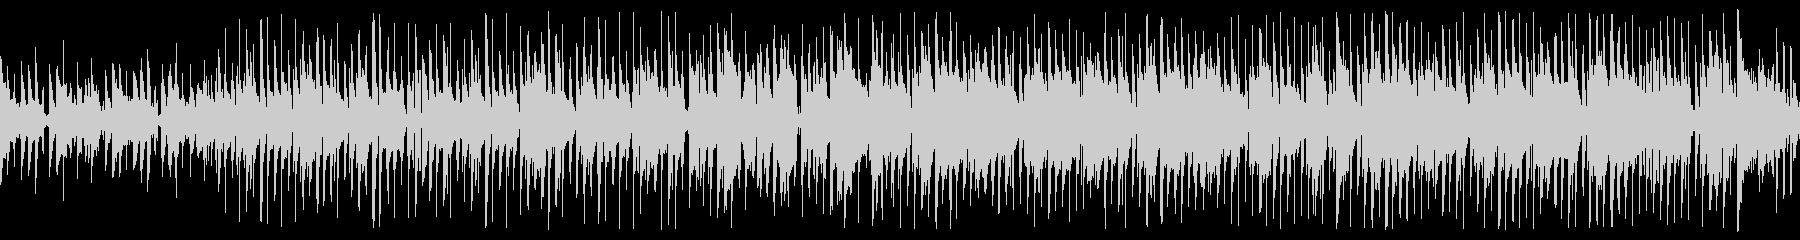 ループ済アコギが可愛いSurfmusicの未再生の波形